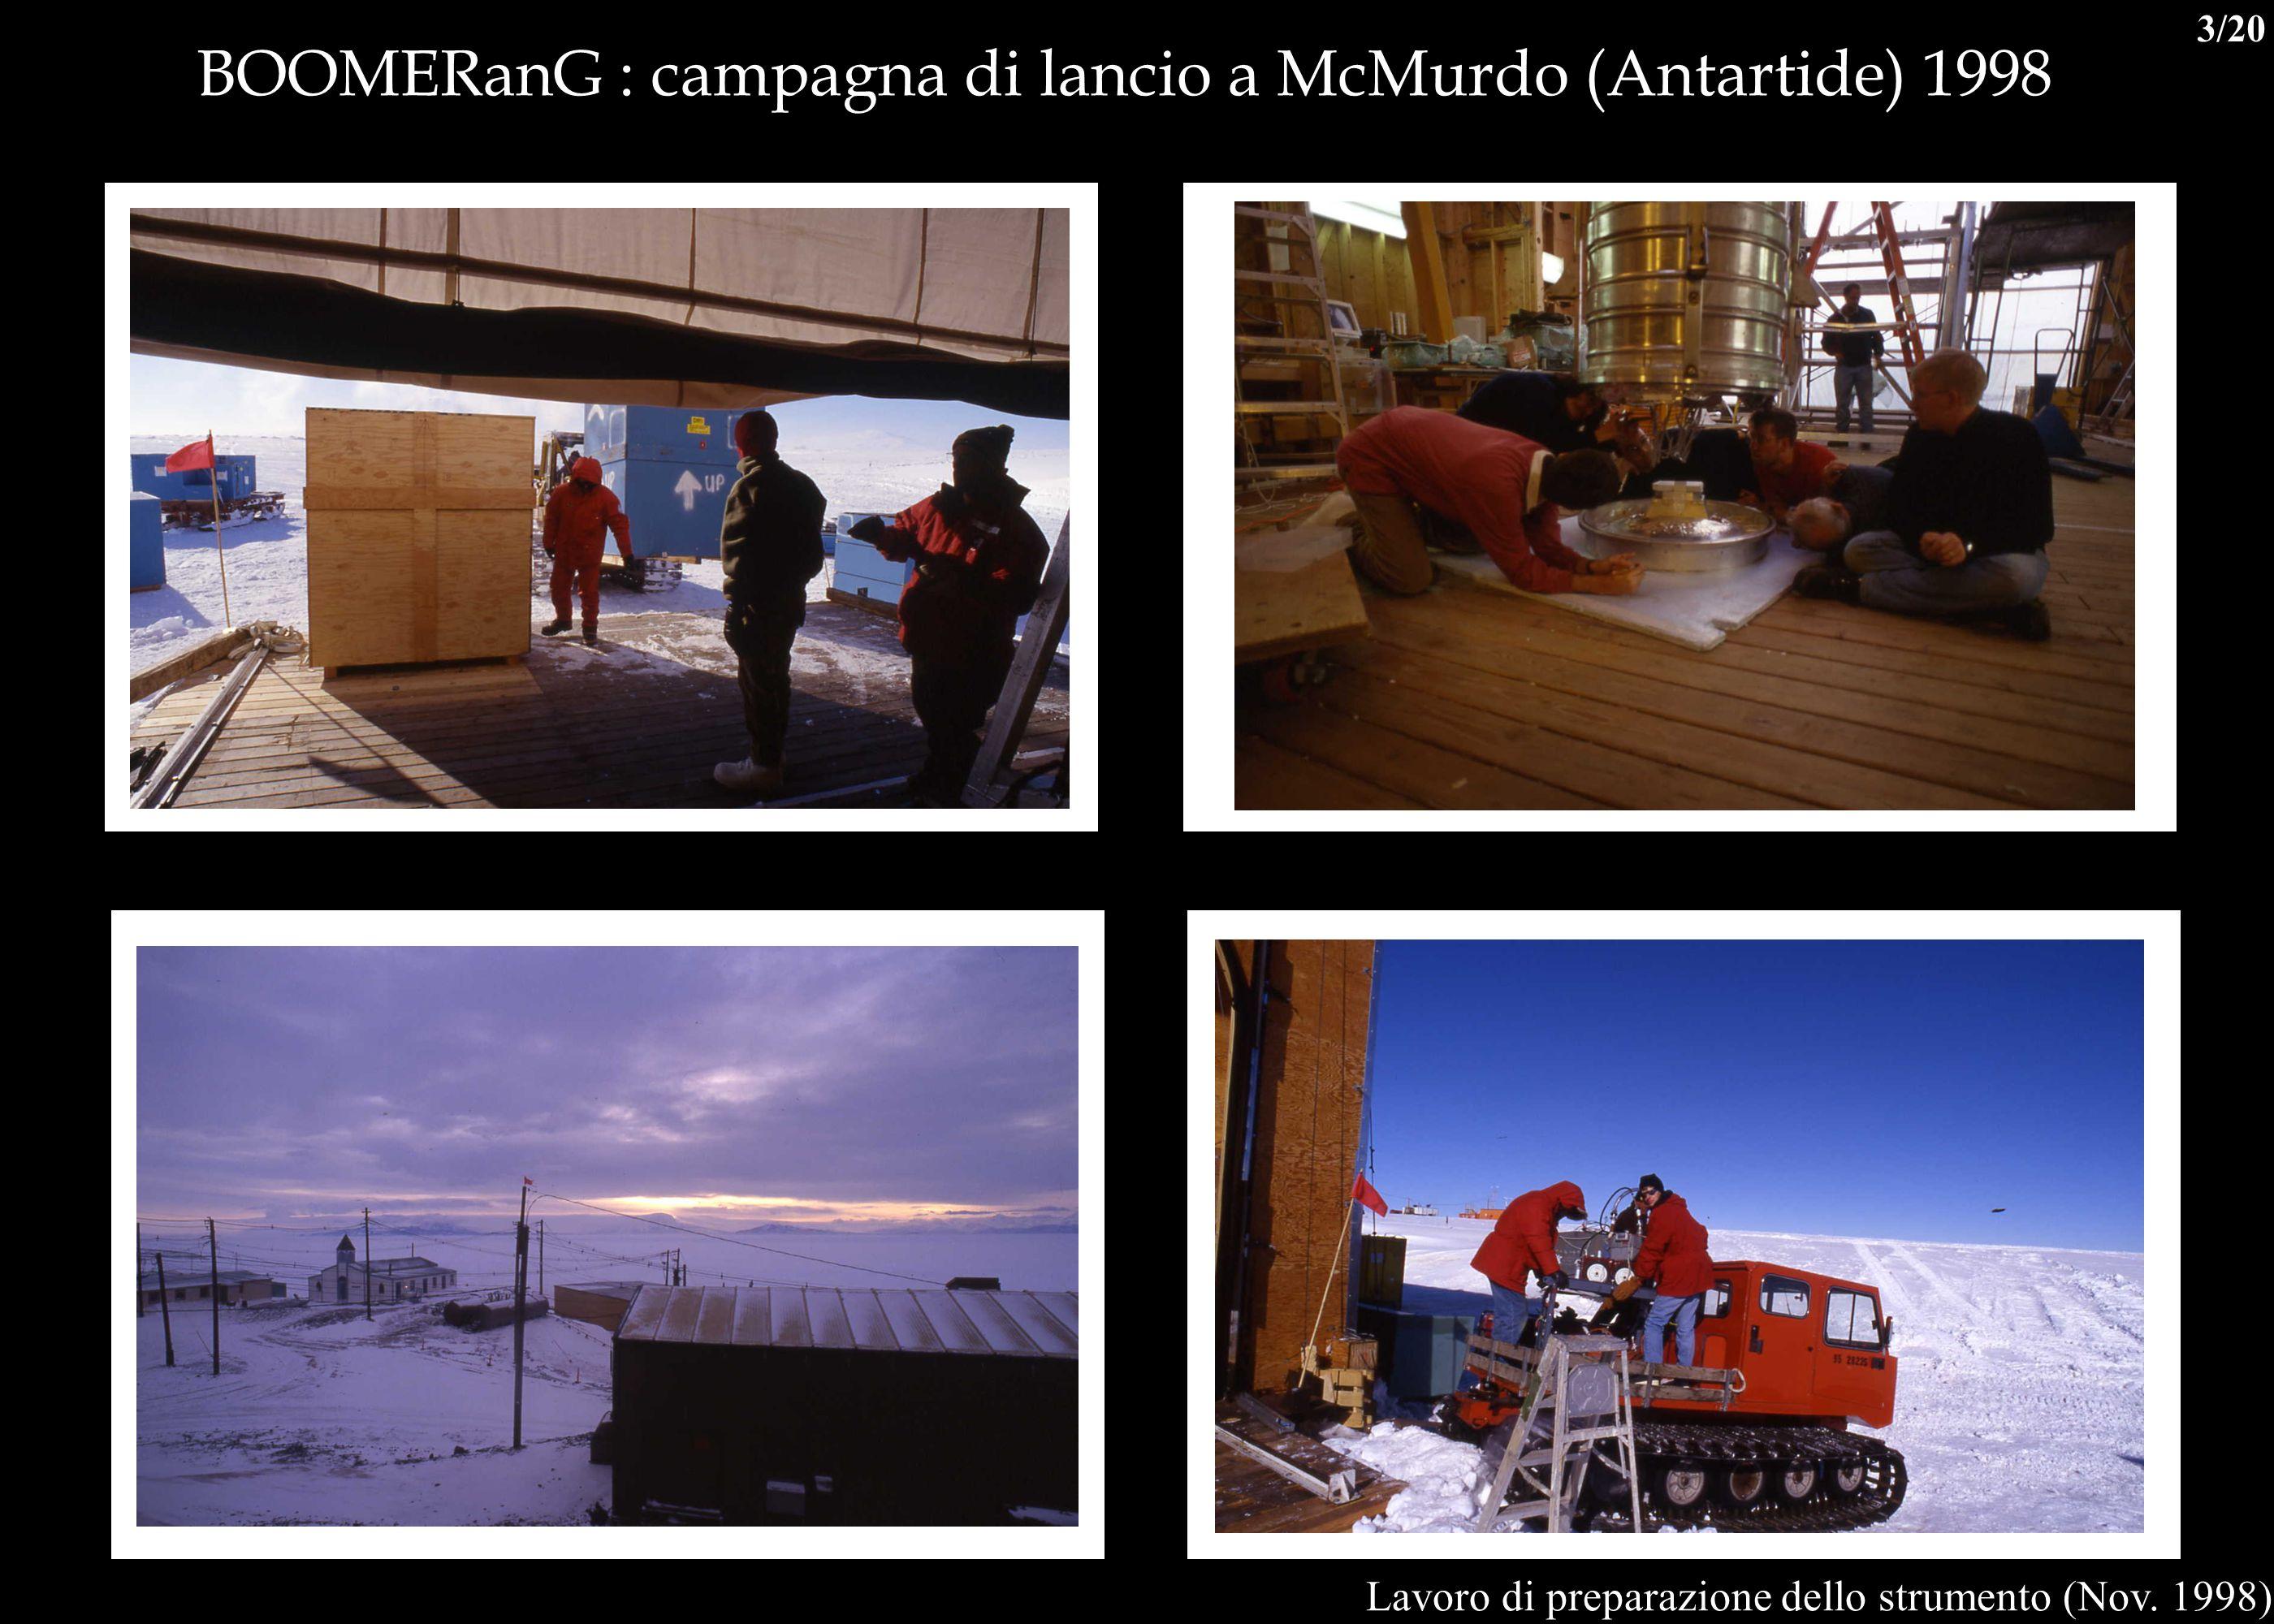 BOOMERanG : campagna di lancio a McMurdo (Antartide) 1998 Lavoro di preparazione dello strumento (Nov. 1998) 3/20